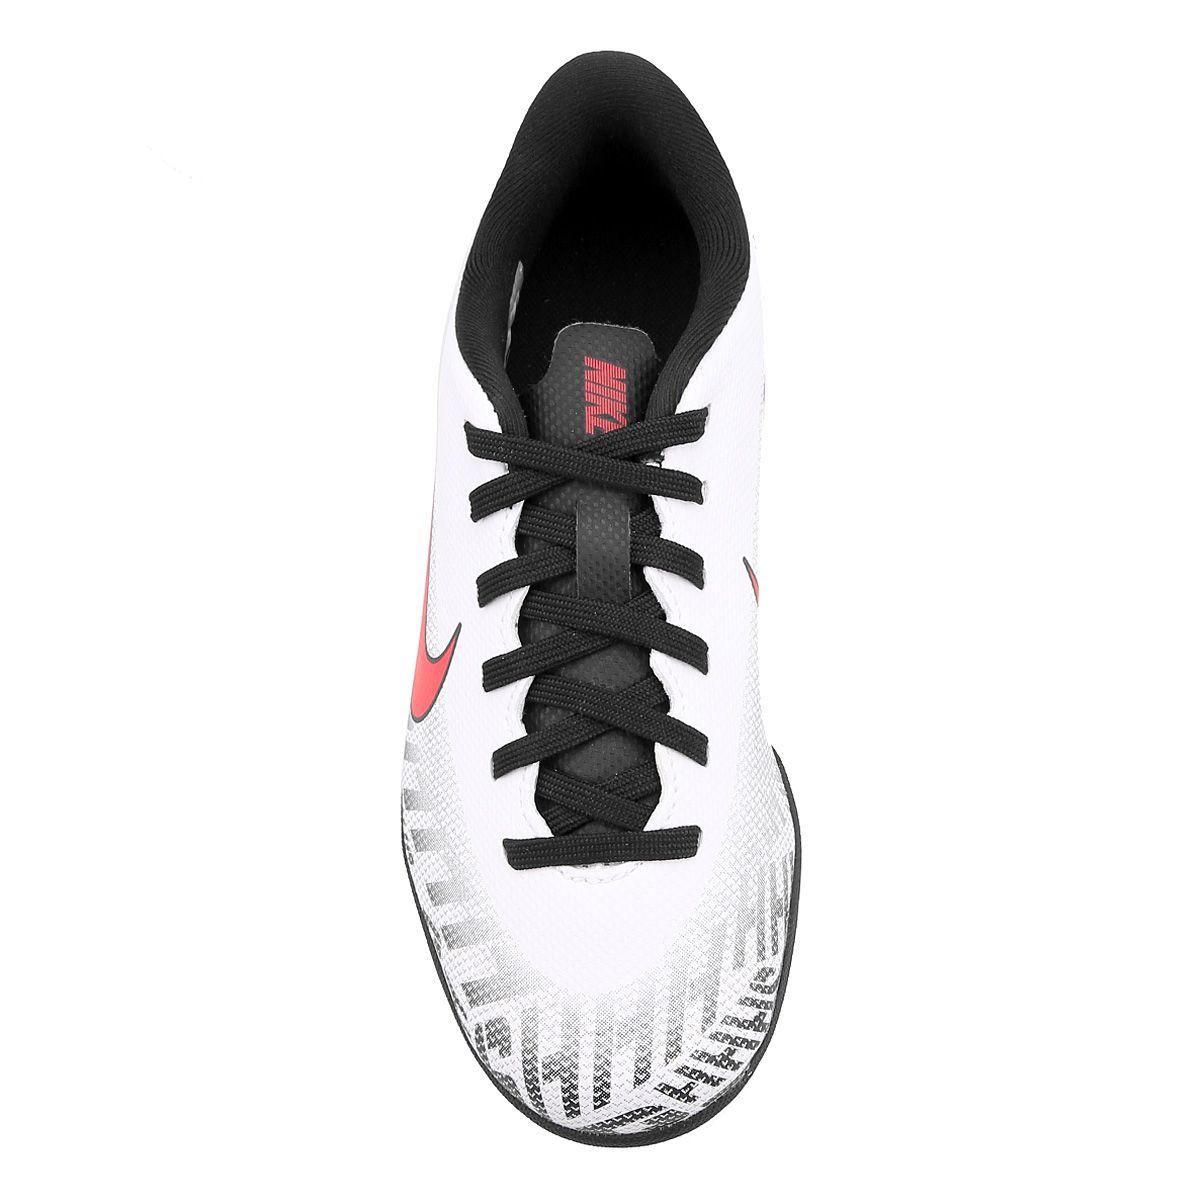 93a171e1b Tenis Futsal Nike Vapor 12 Neymar Infantil - SPORT CENTER JARAGUÁ